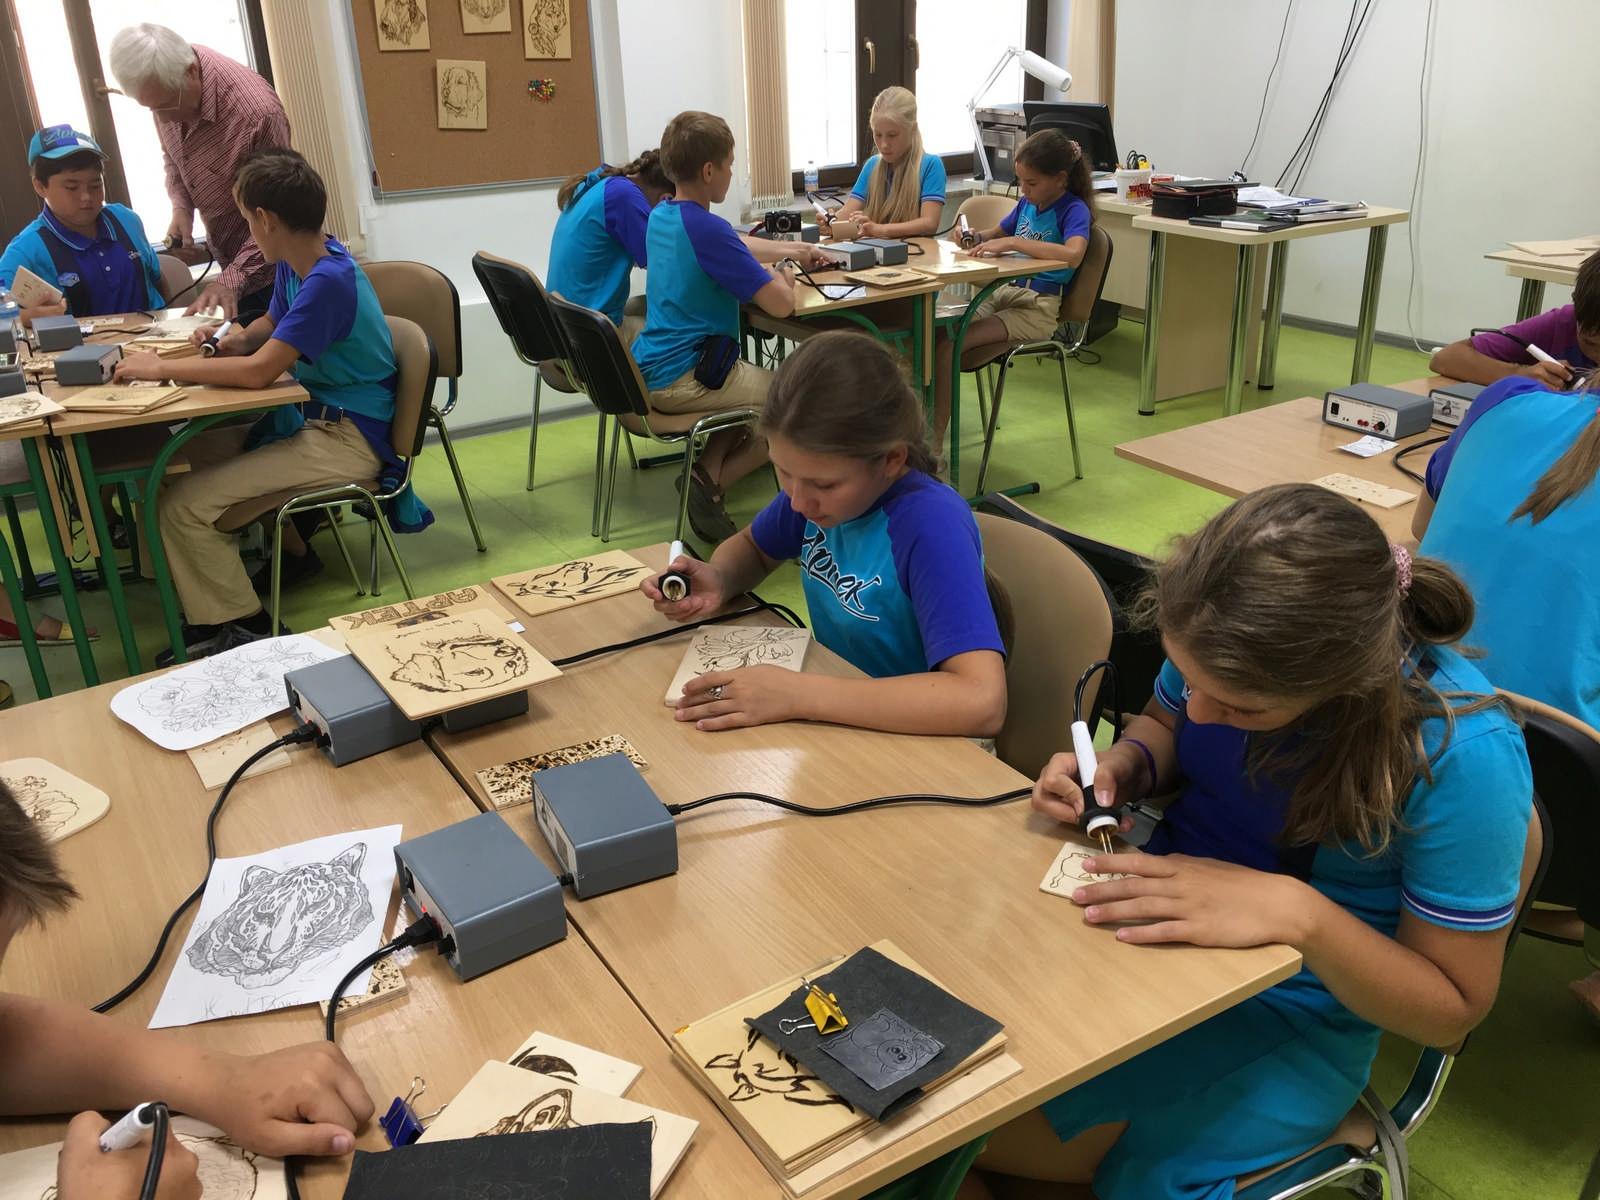 В Калуге 2,5 млн потратят на проект дополнительного образования